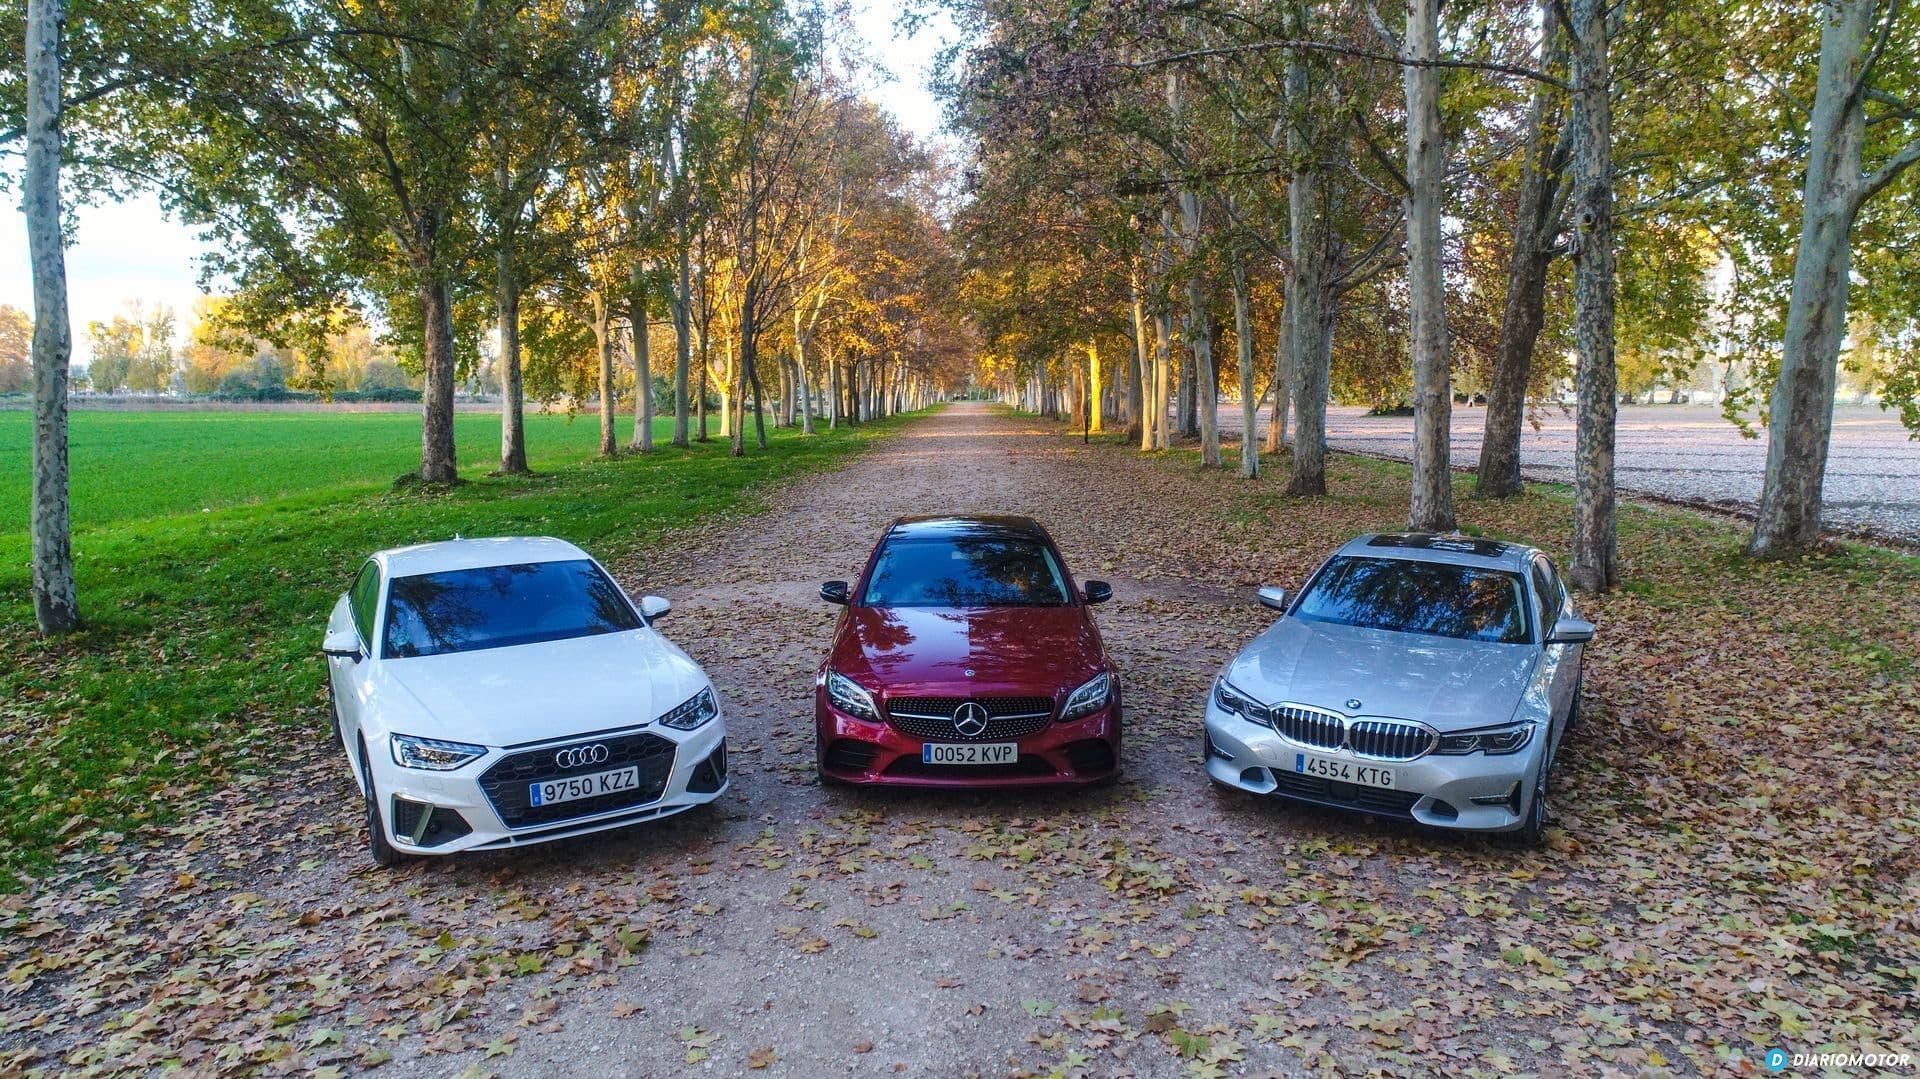 Bmw Serie 3 Vs Audi A4 Vs Mercedes Clase C 1